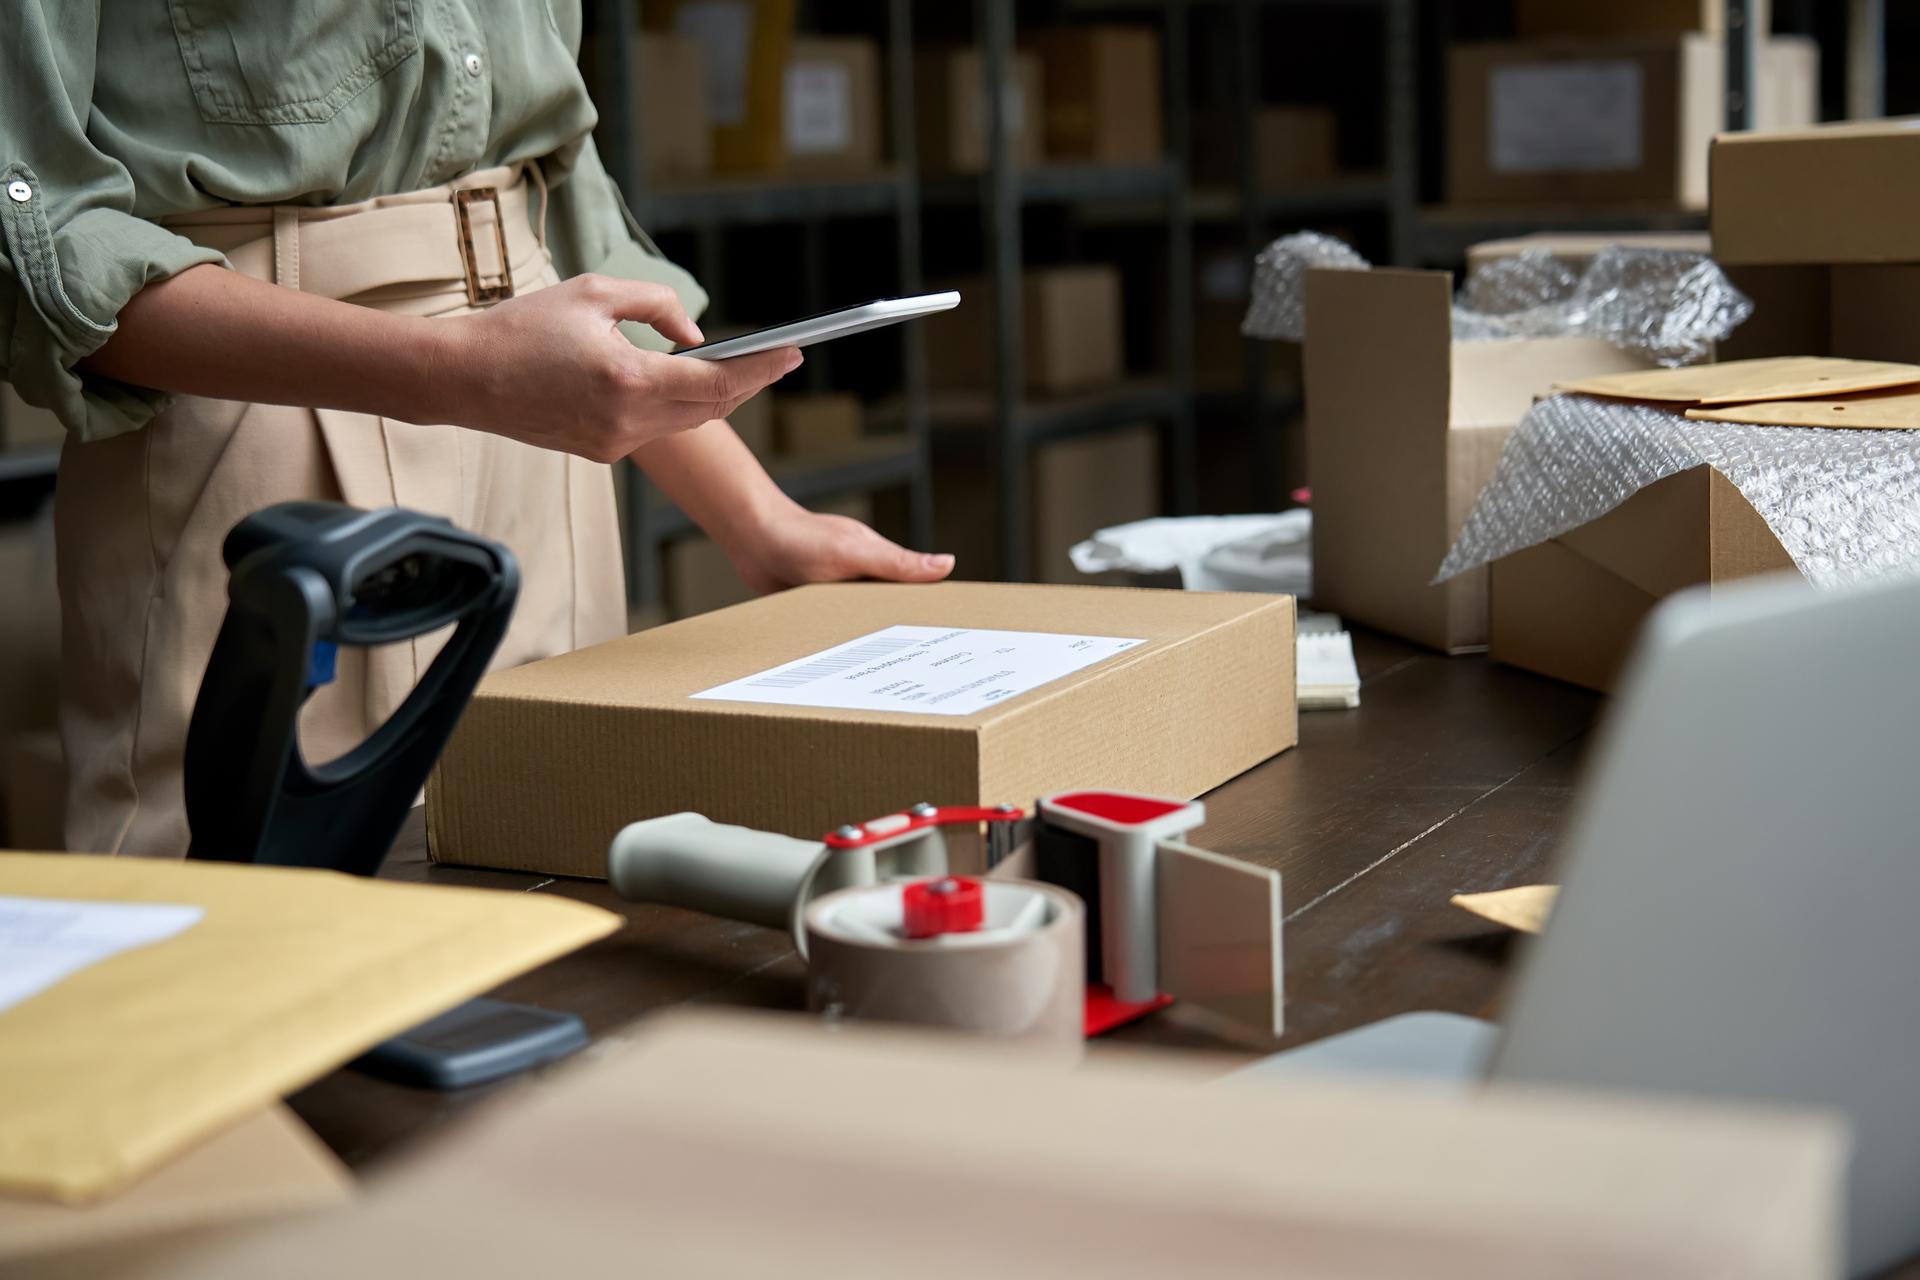 Paket günstig verschicken - Tipps & Tricks